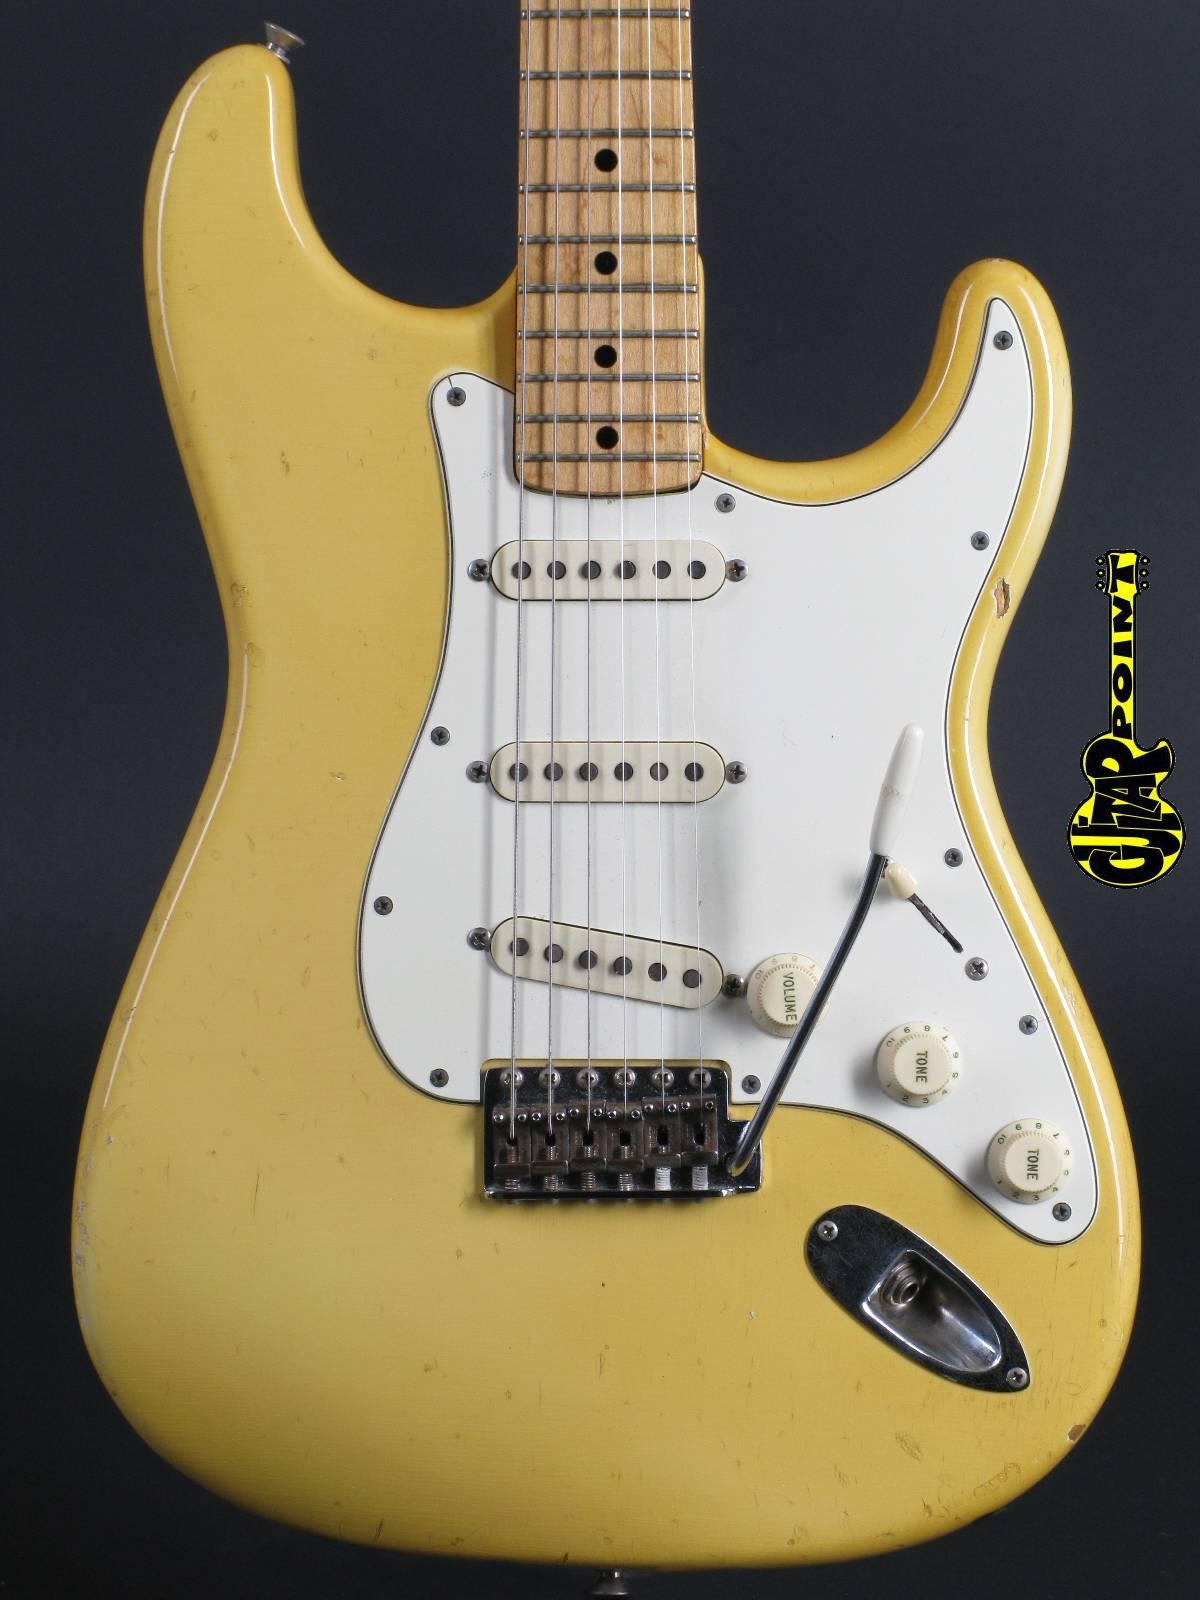 1971 Fender Stratocaster - Olympic White